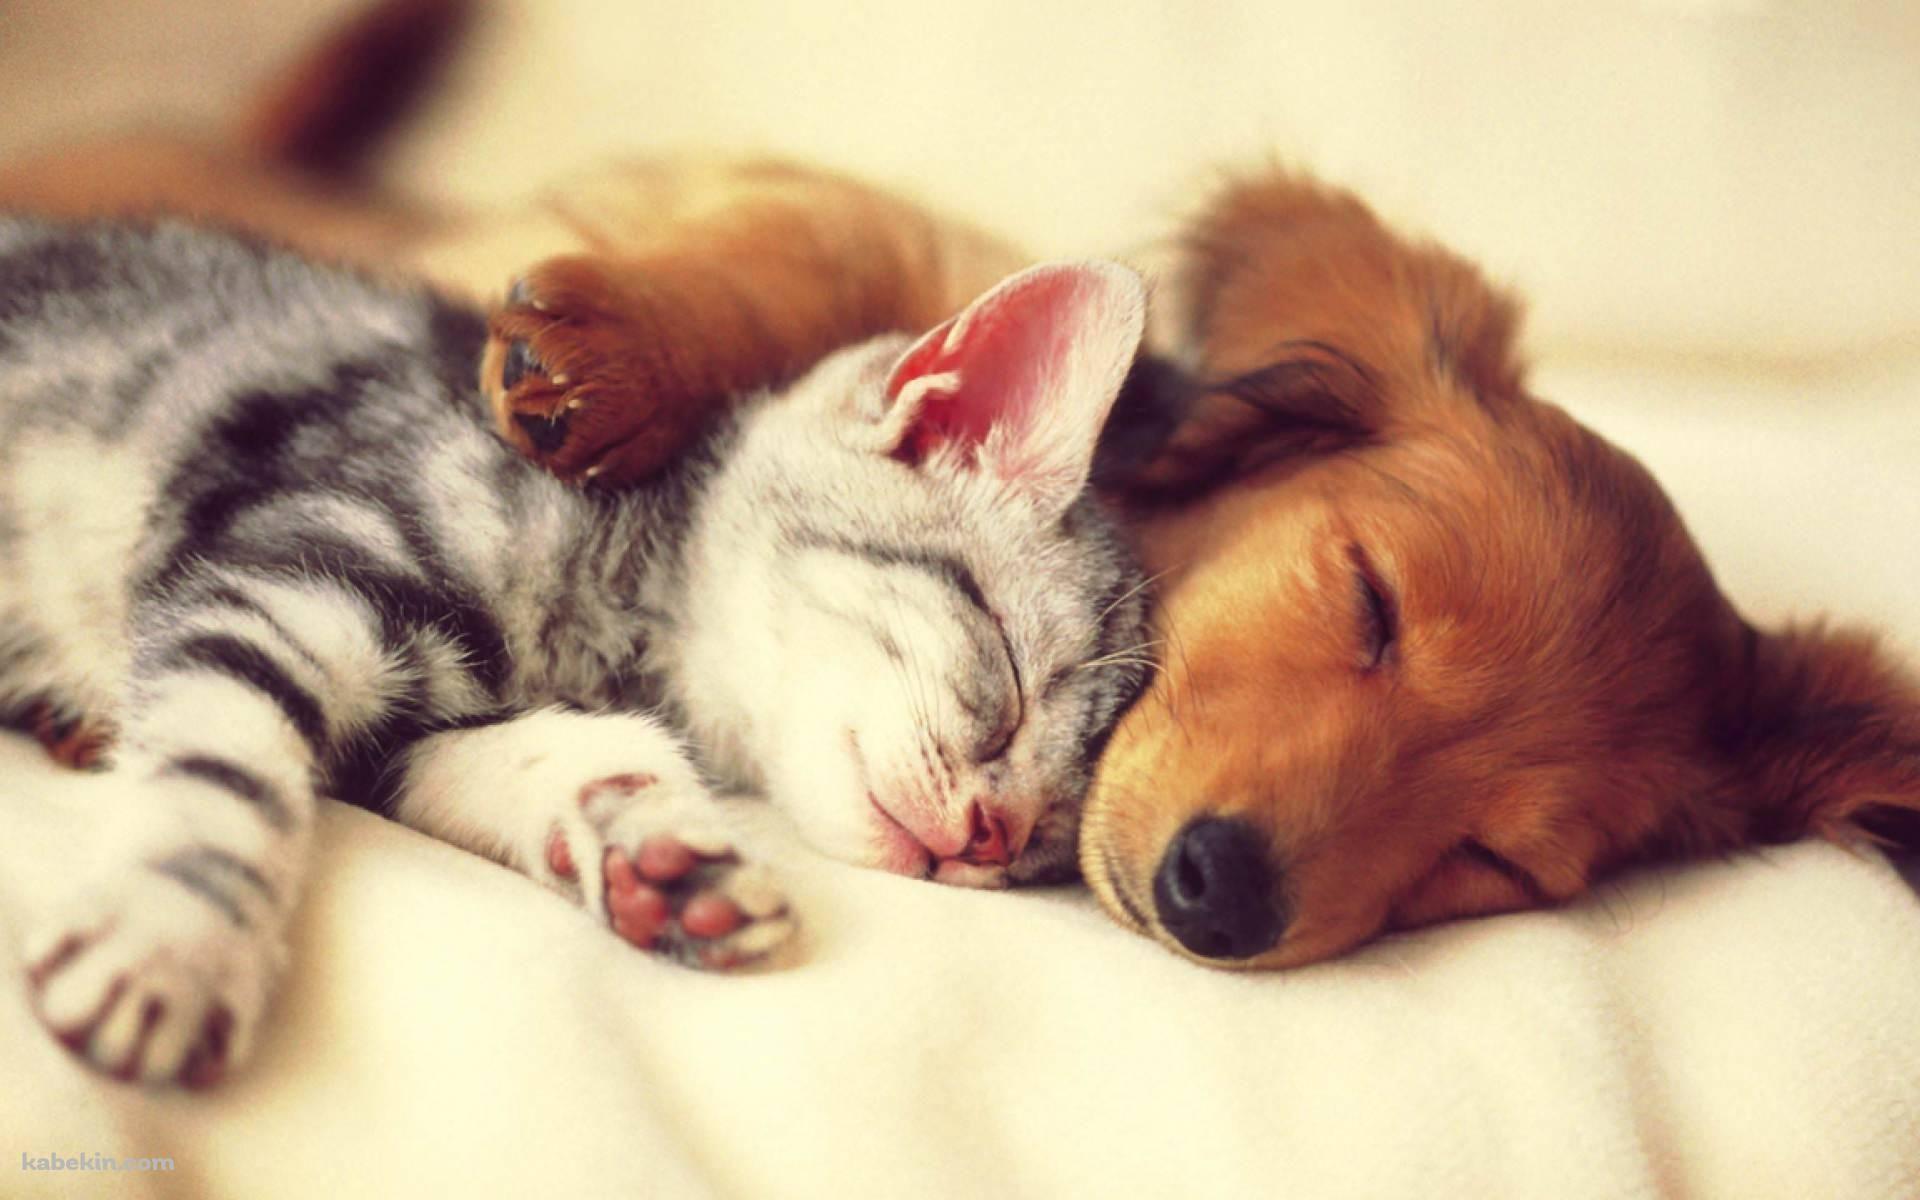 添い寝する猫と犬の壁紙 可愛い 動物 可愛い猫 ペット